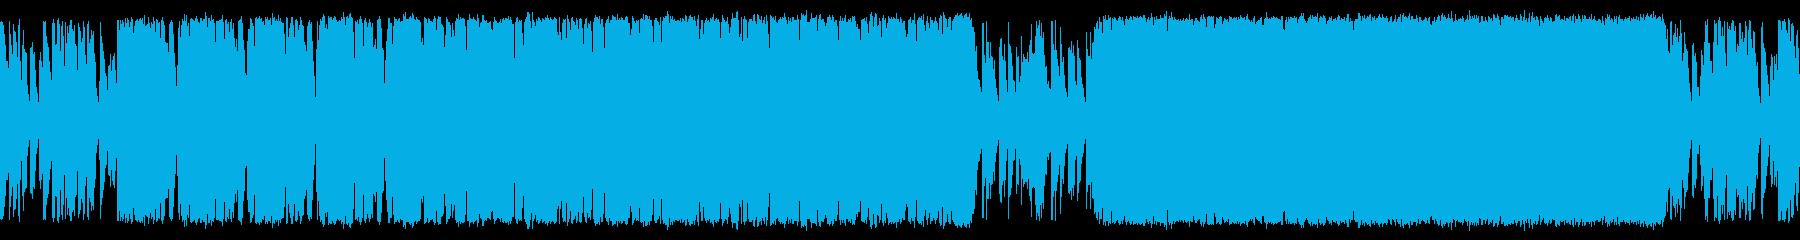 悪が蔓延る独裁サイコの進軍 ループ仕様の再生済みの波形